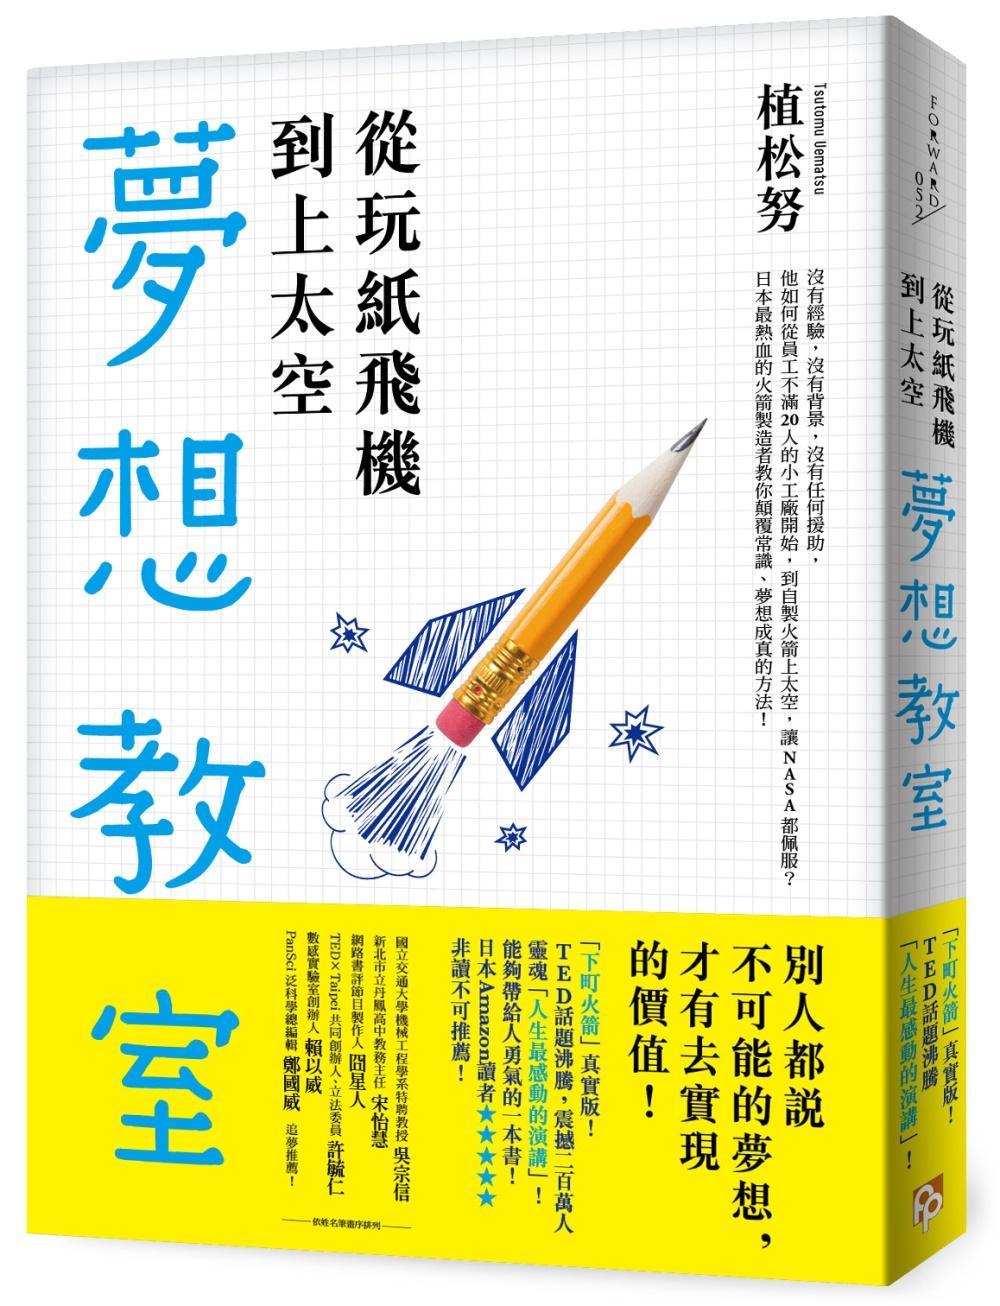 從玩紙飛機到上太空的夢想教室:「下町火箭」真實版!TED話題沸騰!日本最熱血的火箭製造者教你顛覆常識、夢想成真的方法!